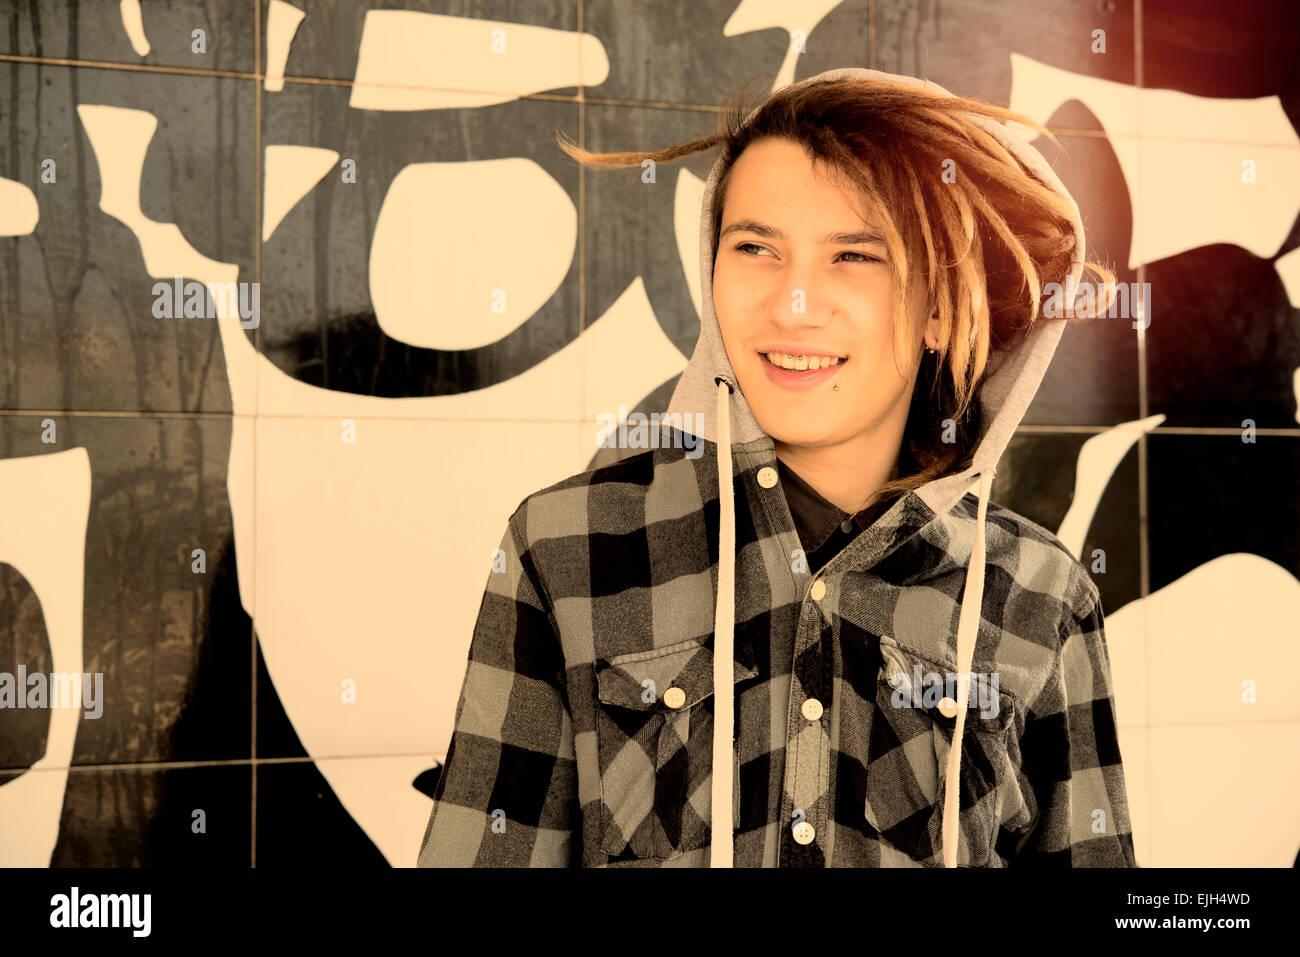 Porträt des jungen Kerl mit Rasta Haaren in einem Lifestyle-Konzept warm Filter angewendet Stockbild